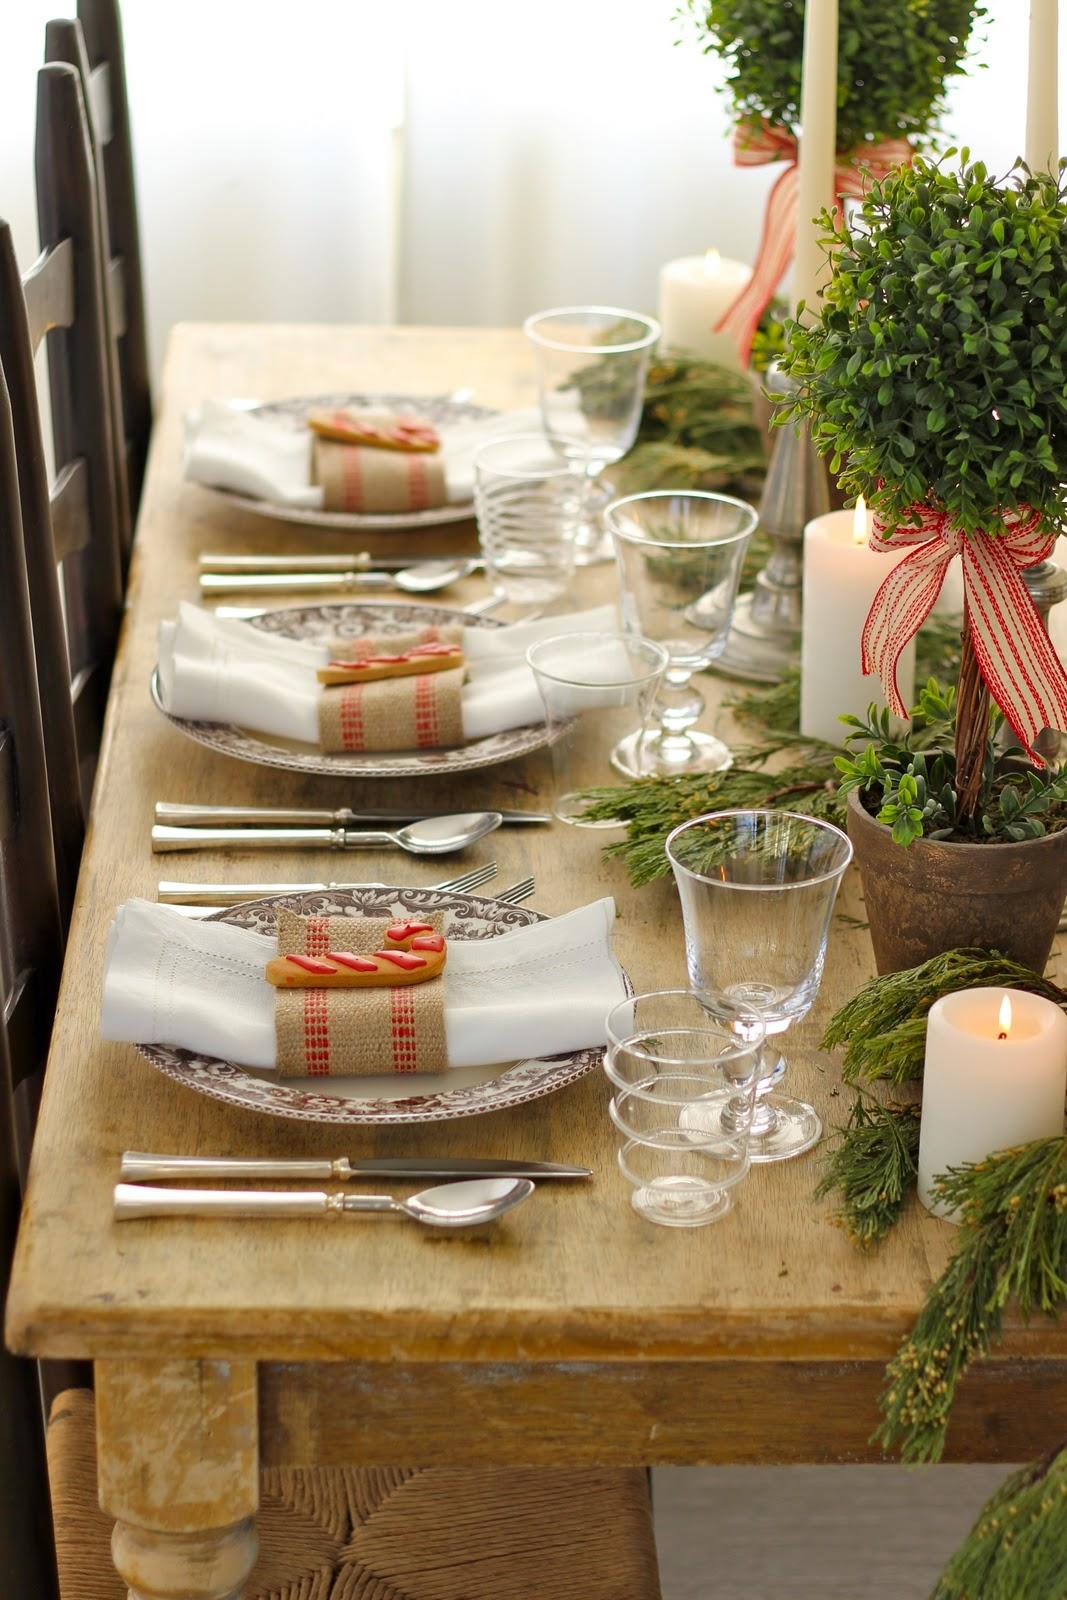 Rustic Christmas Table Setting